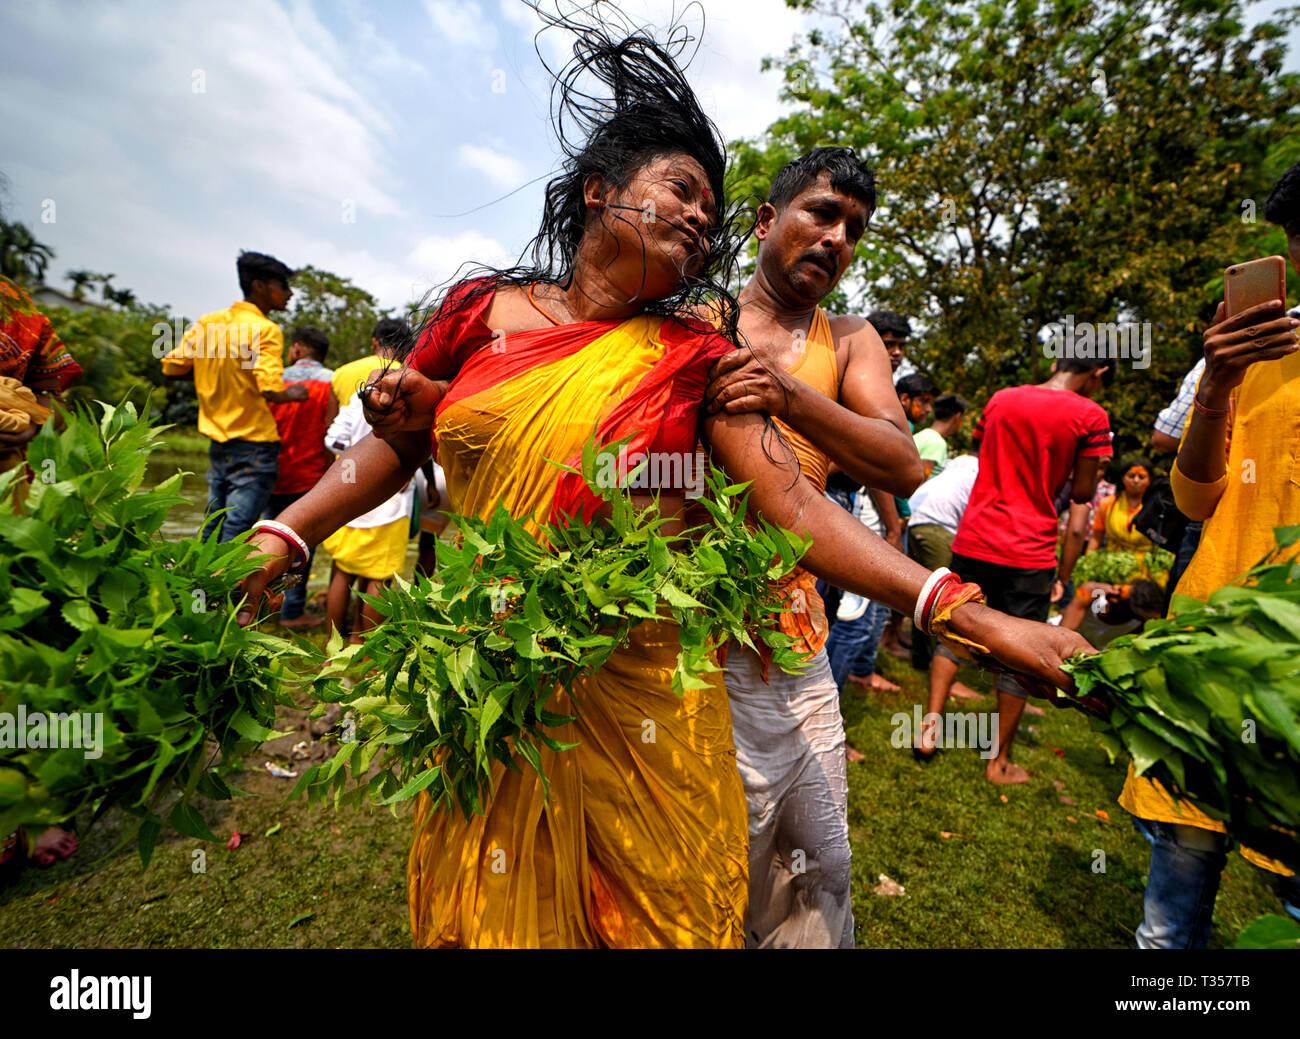 Bandel, Inde. 06 avr, 2019. Les dévots hindous danse & les ...